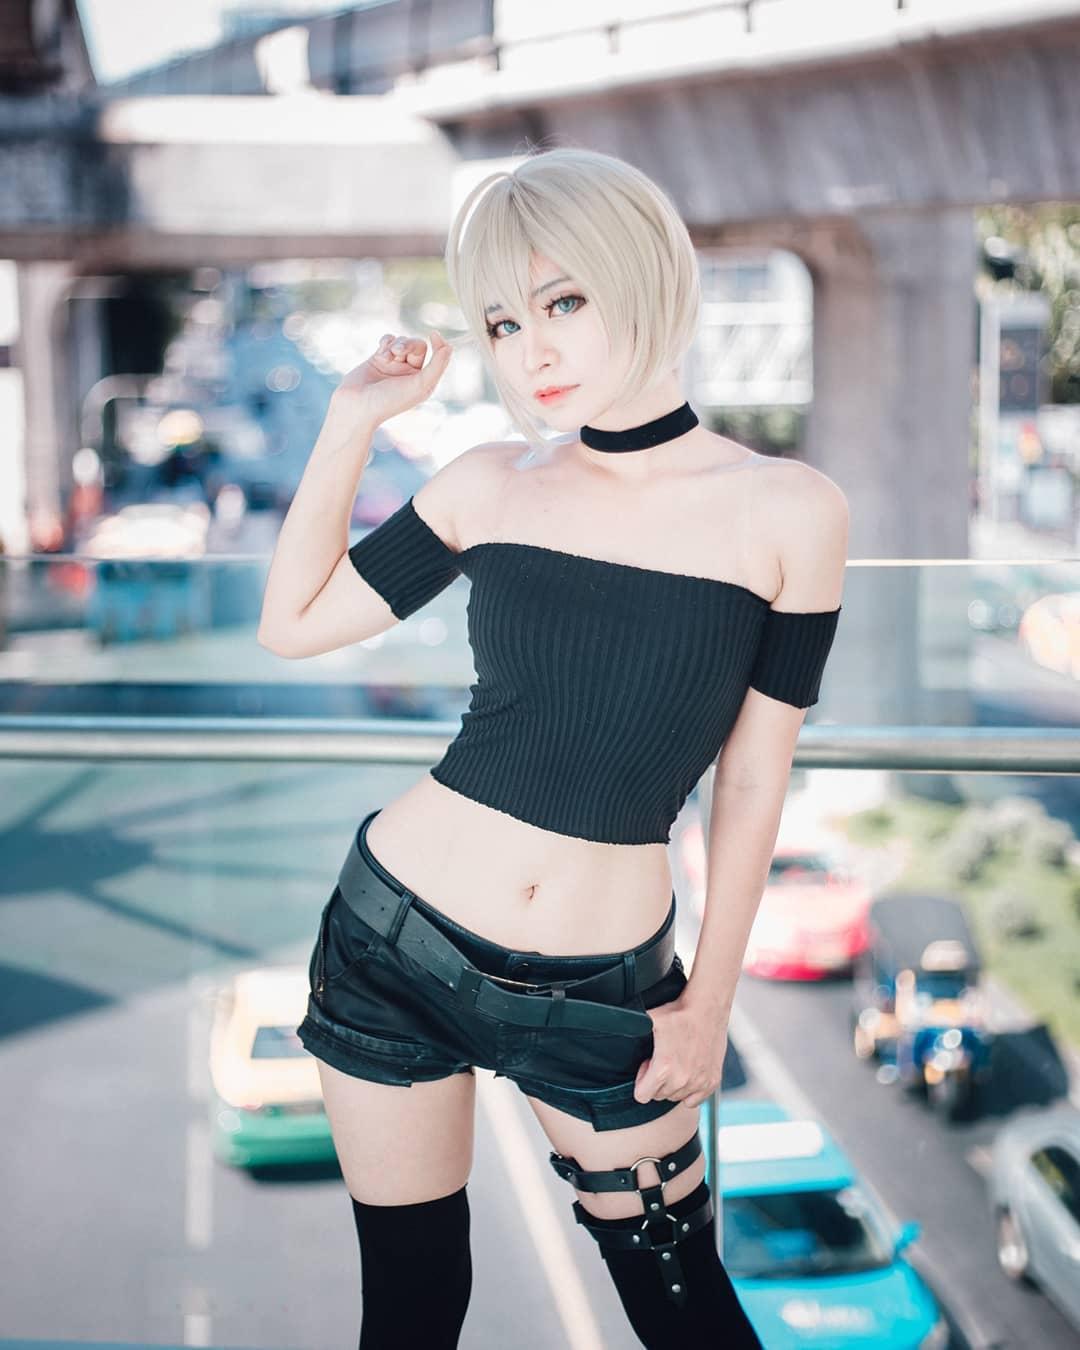 泰國美女Coser性感美圖欣賞 膚滑勝雪身姿誘人